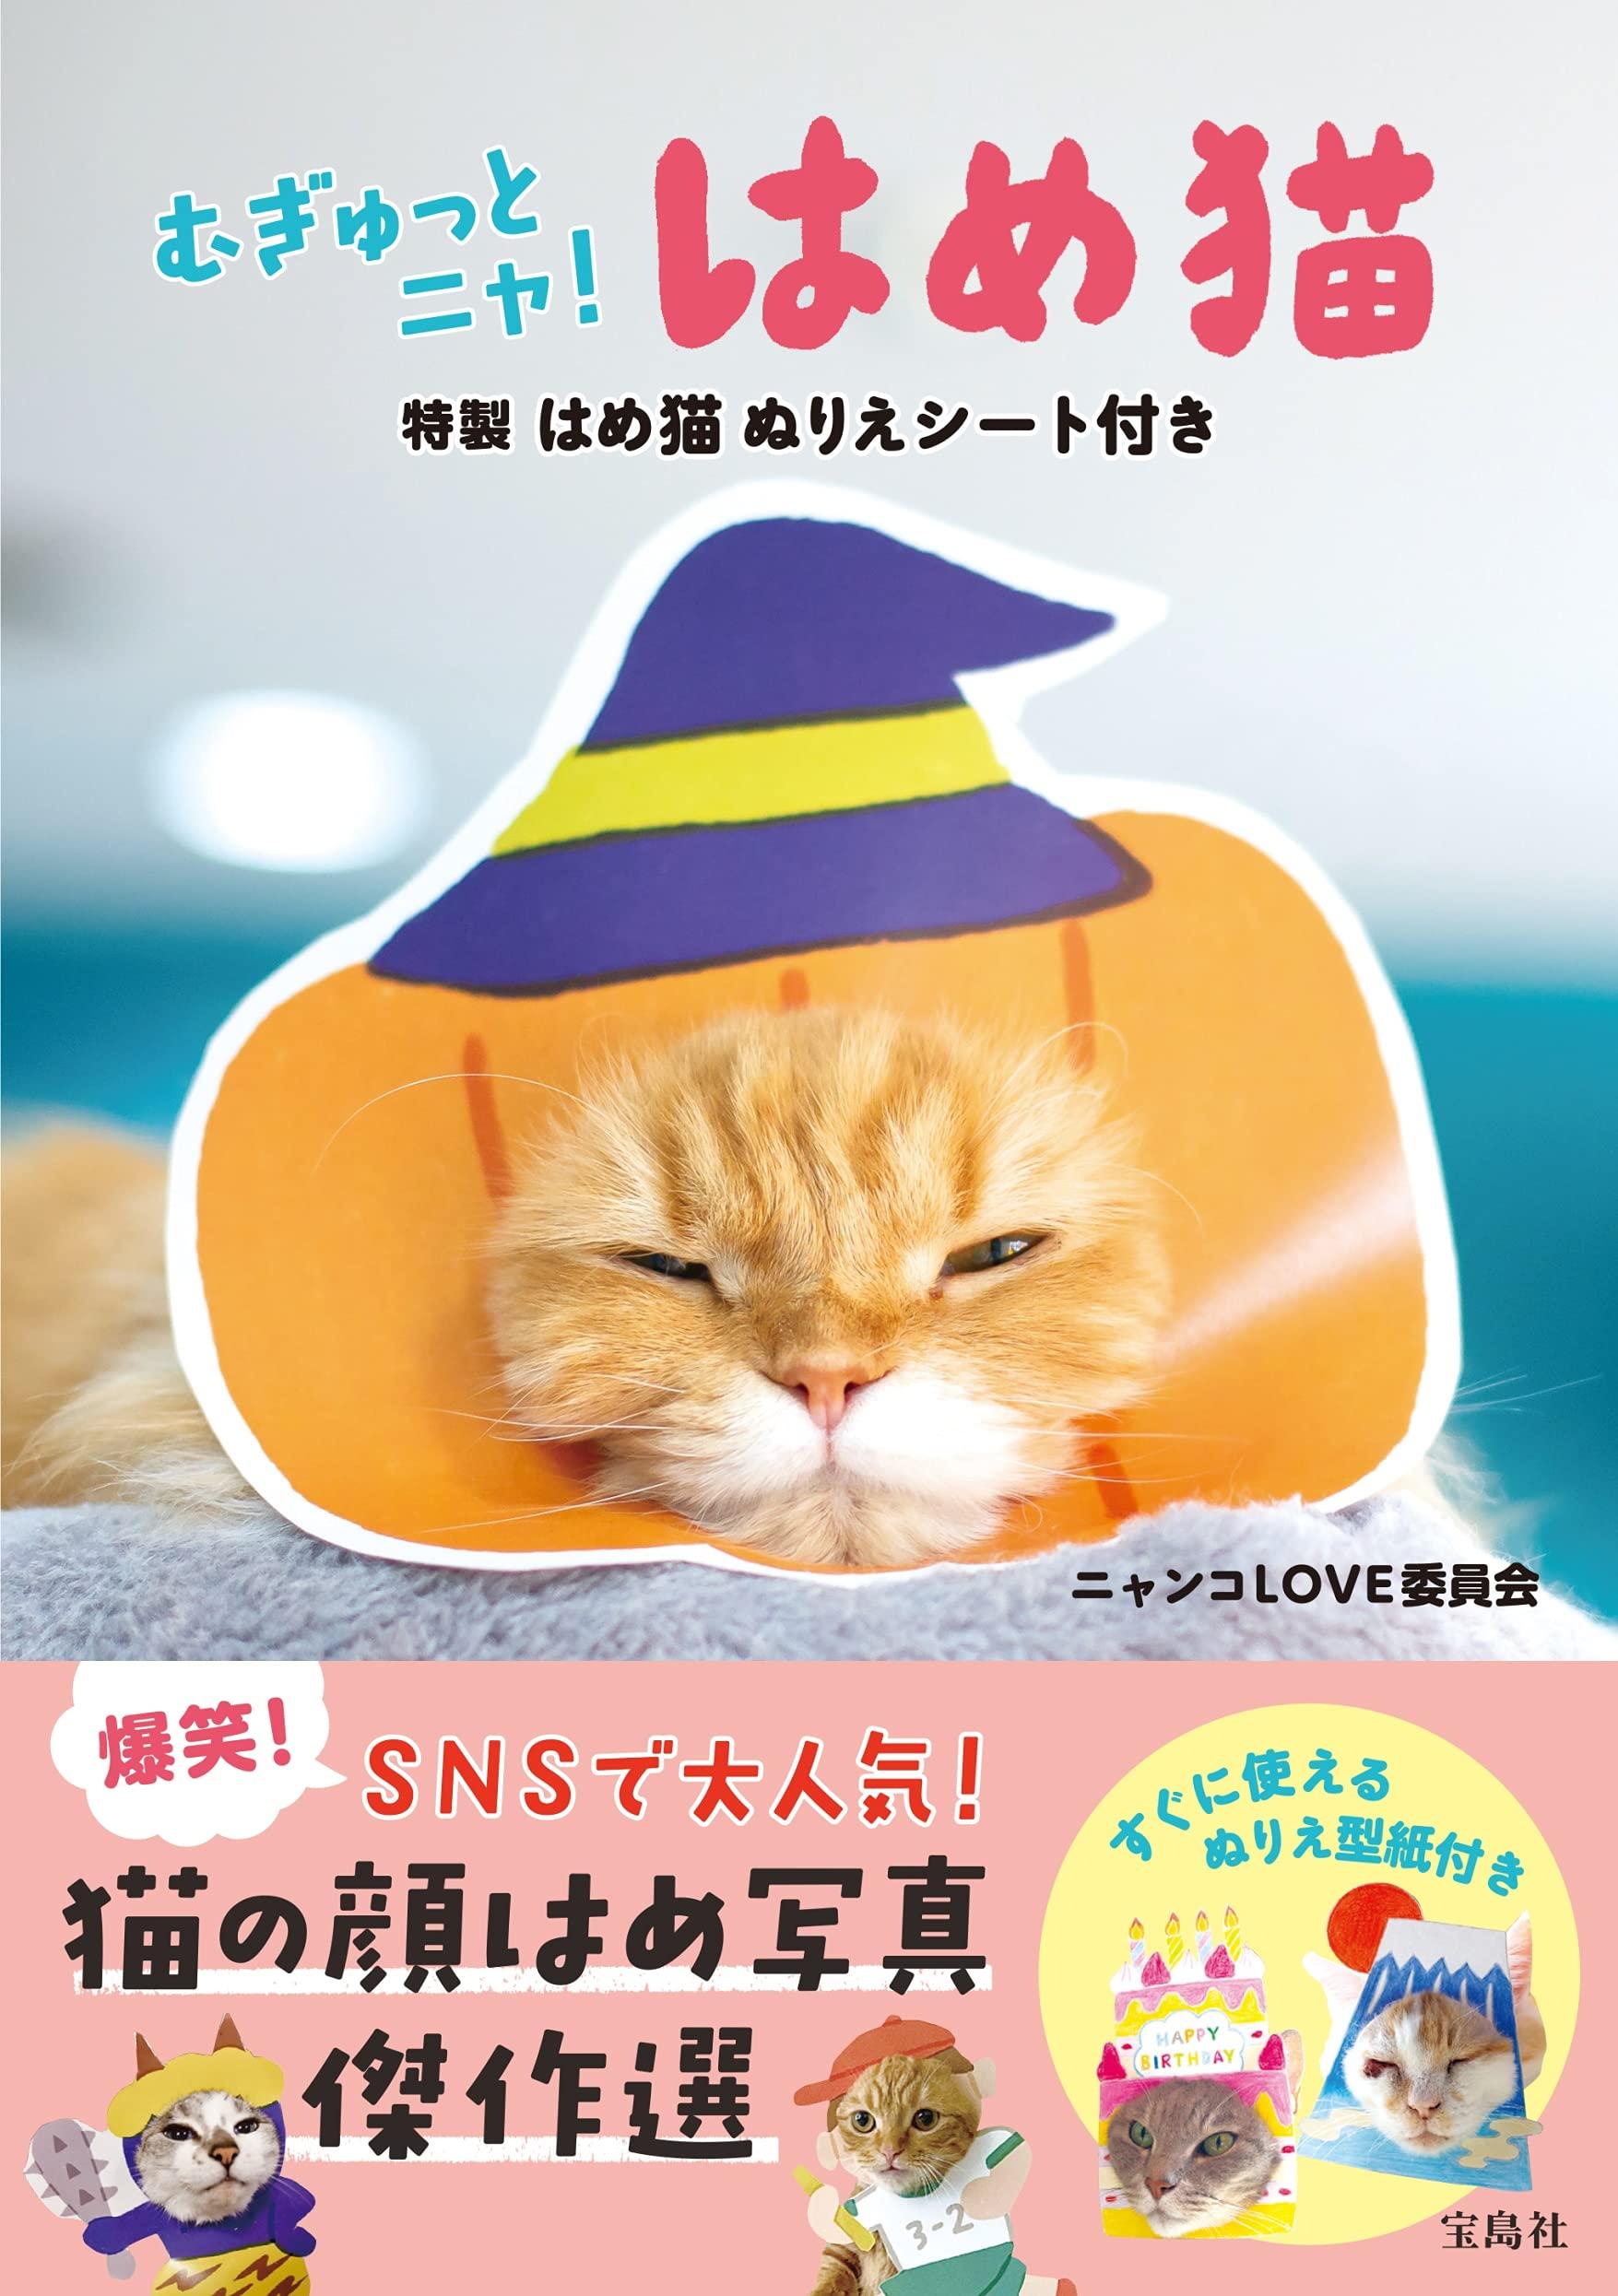 【新刊情報】猫が顔だし看板で大変身!「はめ猫」写真集が発売 画像